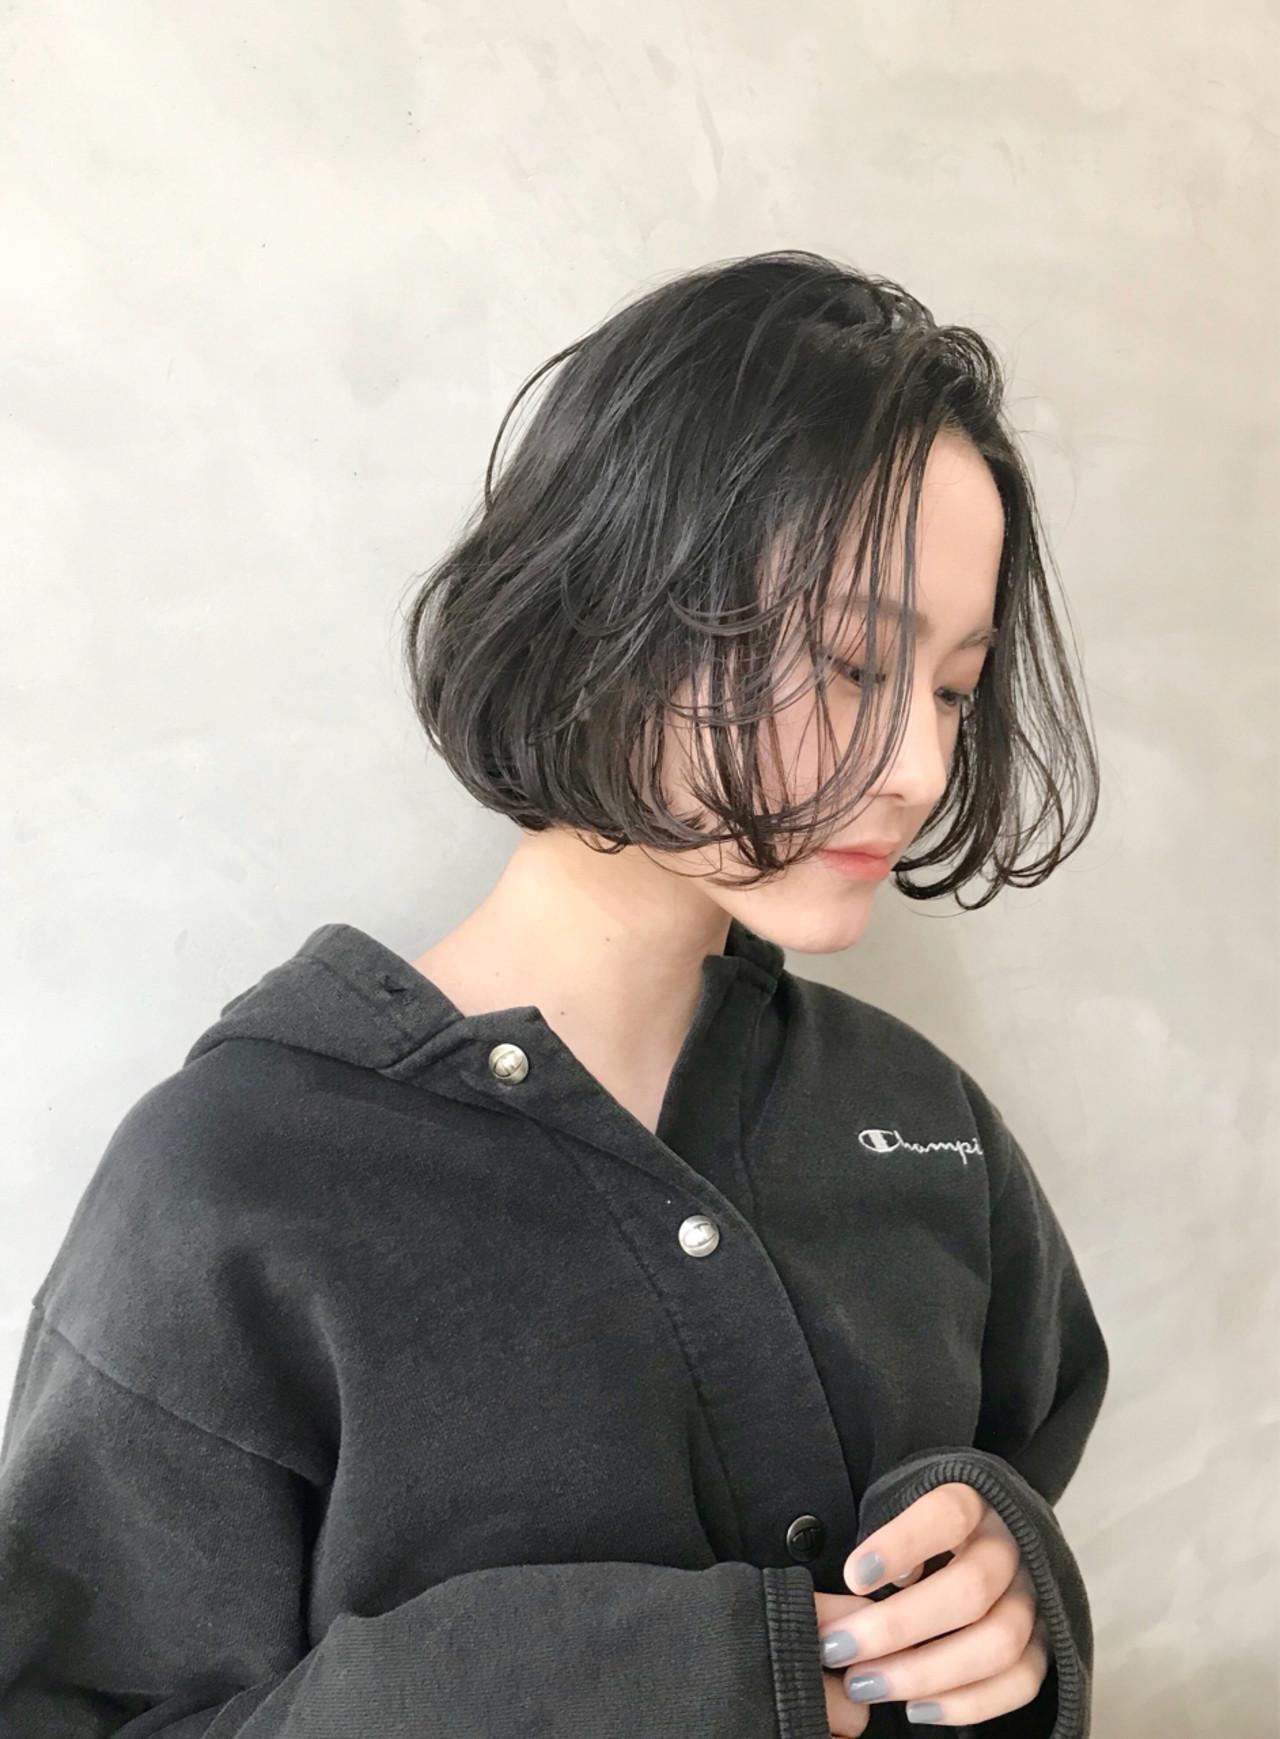 色気 前髪あり フェミニン 暗髪 ヘアスタイルや髪型の写真・画像 | 磯部巧 / brisa